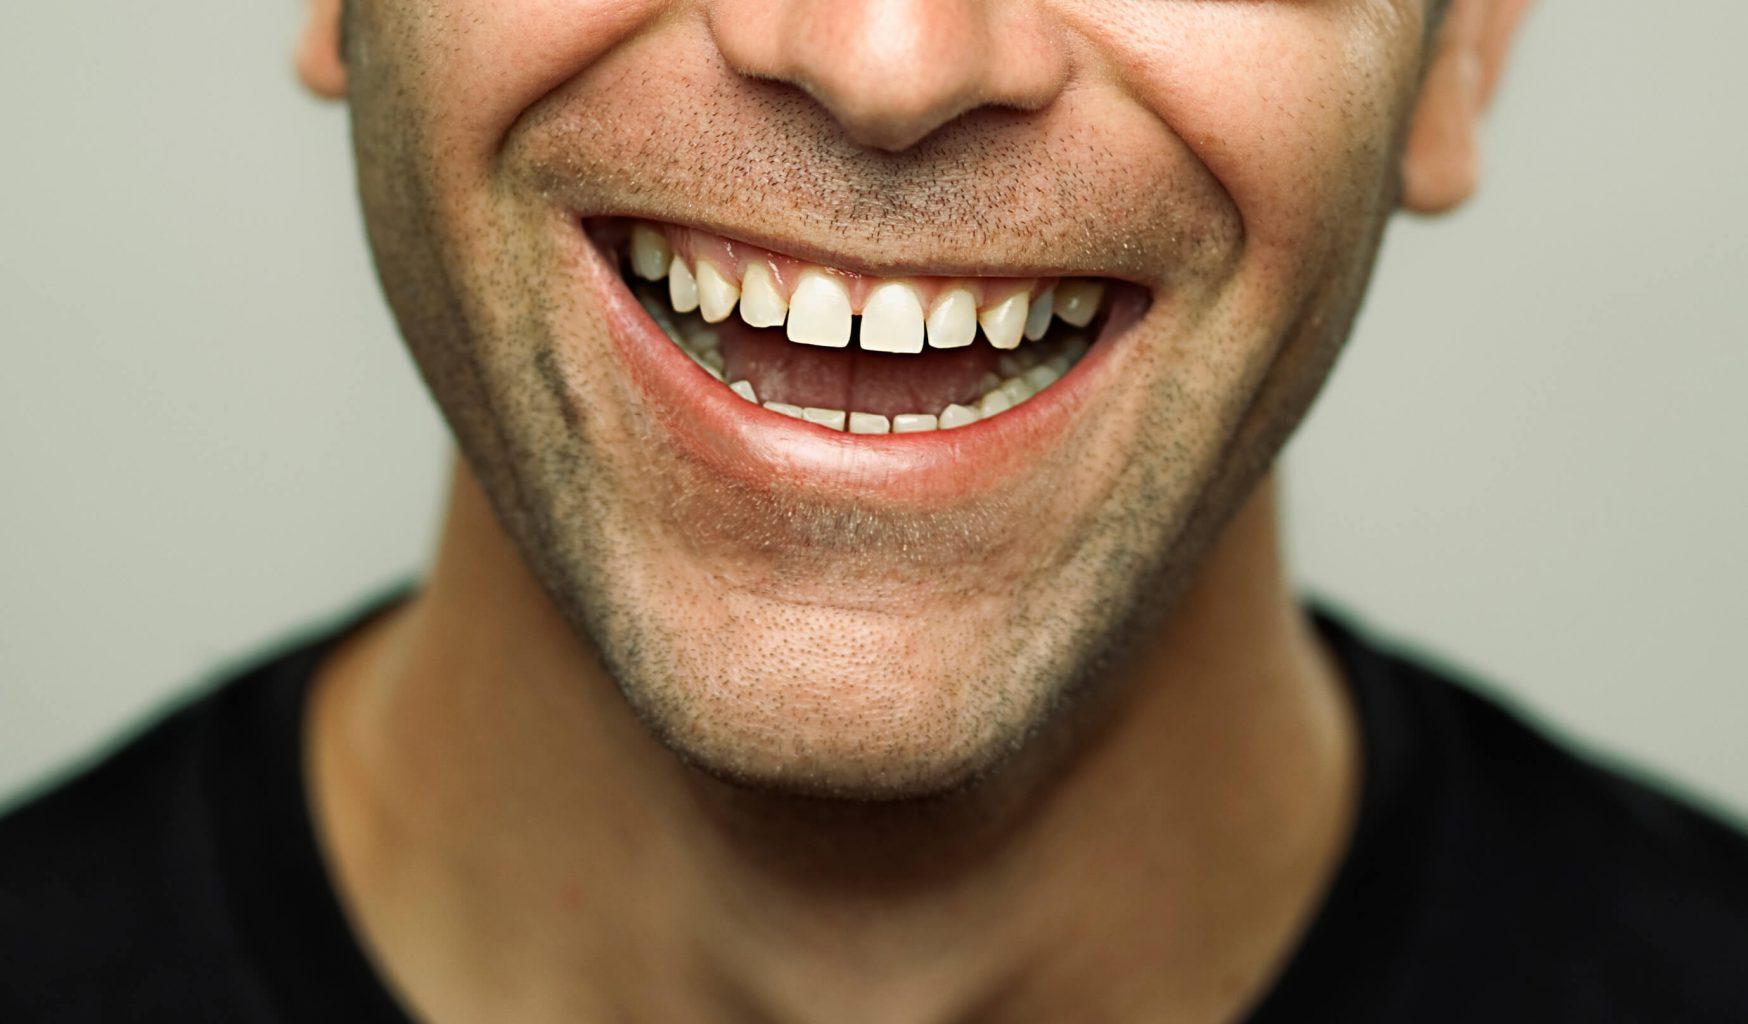 Diastemas – spaces between teeth